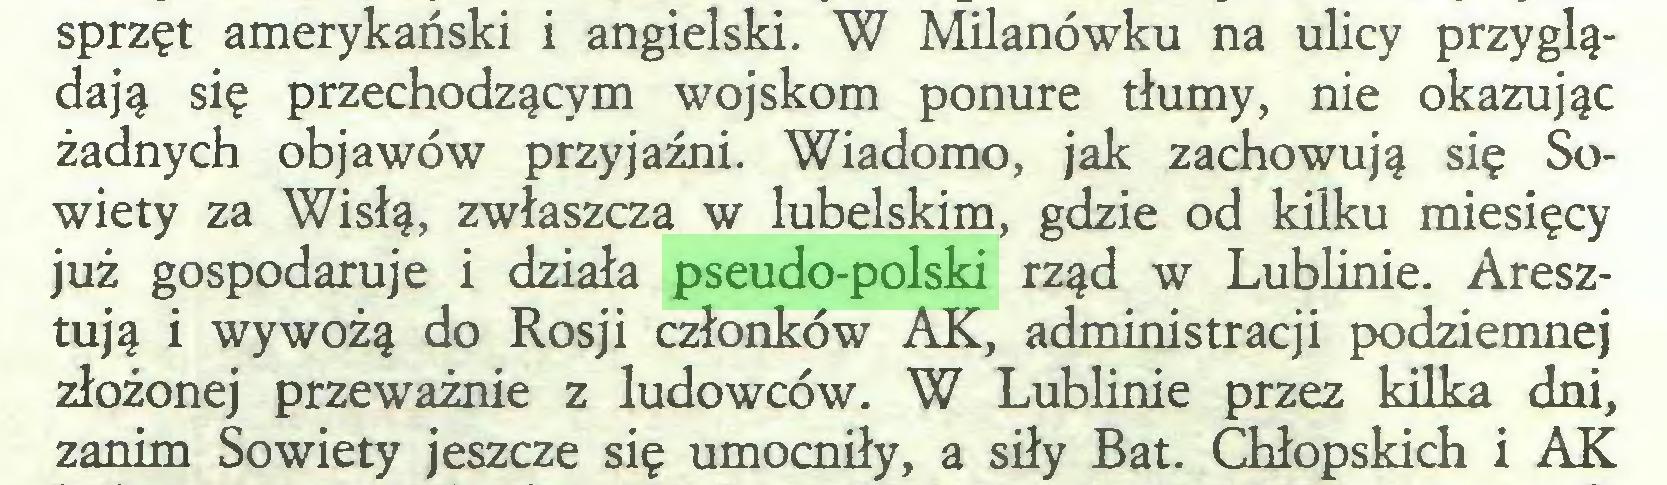 (...) sprzęt amerykański i angielski. W Milanówku na ulicy przyglądają się przechodzącym wojskom ponure tłumy, nie okazując żadnych objawów przyjaźni. Wiadomo, jak zachowują się Sowiety za Wisłą, zwłaszcza w lubelskim, gdzie od kilku miesięcy już gospodaruje i działa pseudo-polski rząd w Lublinie. Aresztują i wywożą do Rosji członków AK, administracji podziemnej złożonej przeważnie z ludowców. W Lublinie przez kilka dni, zanim Sowiety jeszcze się umocniły, a siły Bat. Chłopskich i AK...